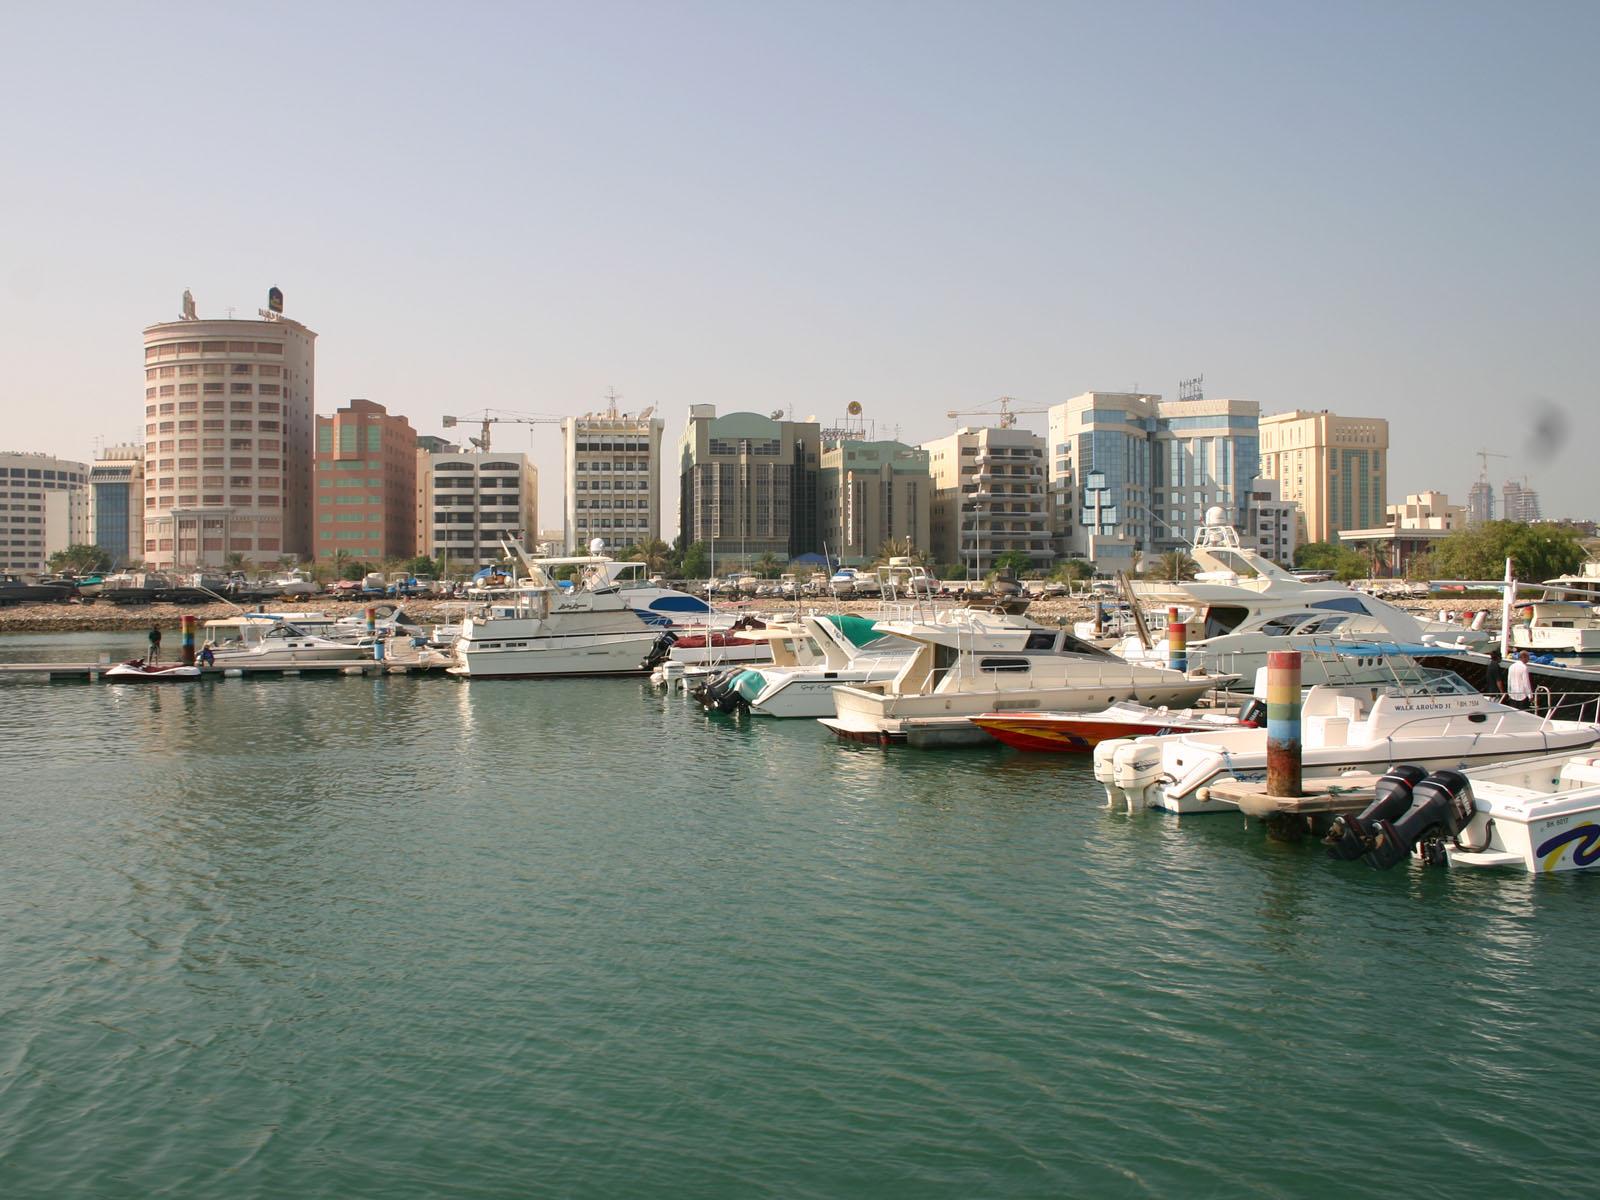 Bahrain - boat harbor